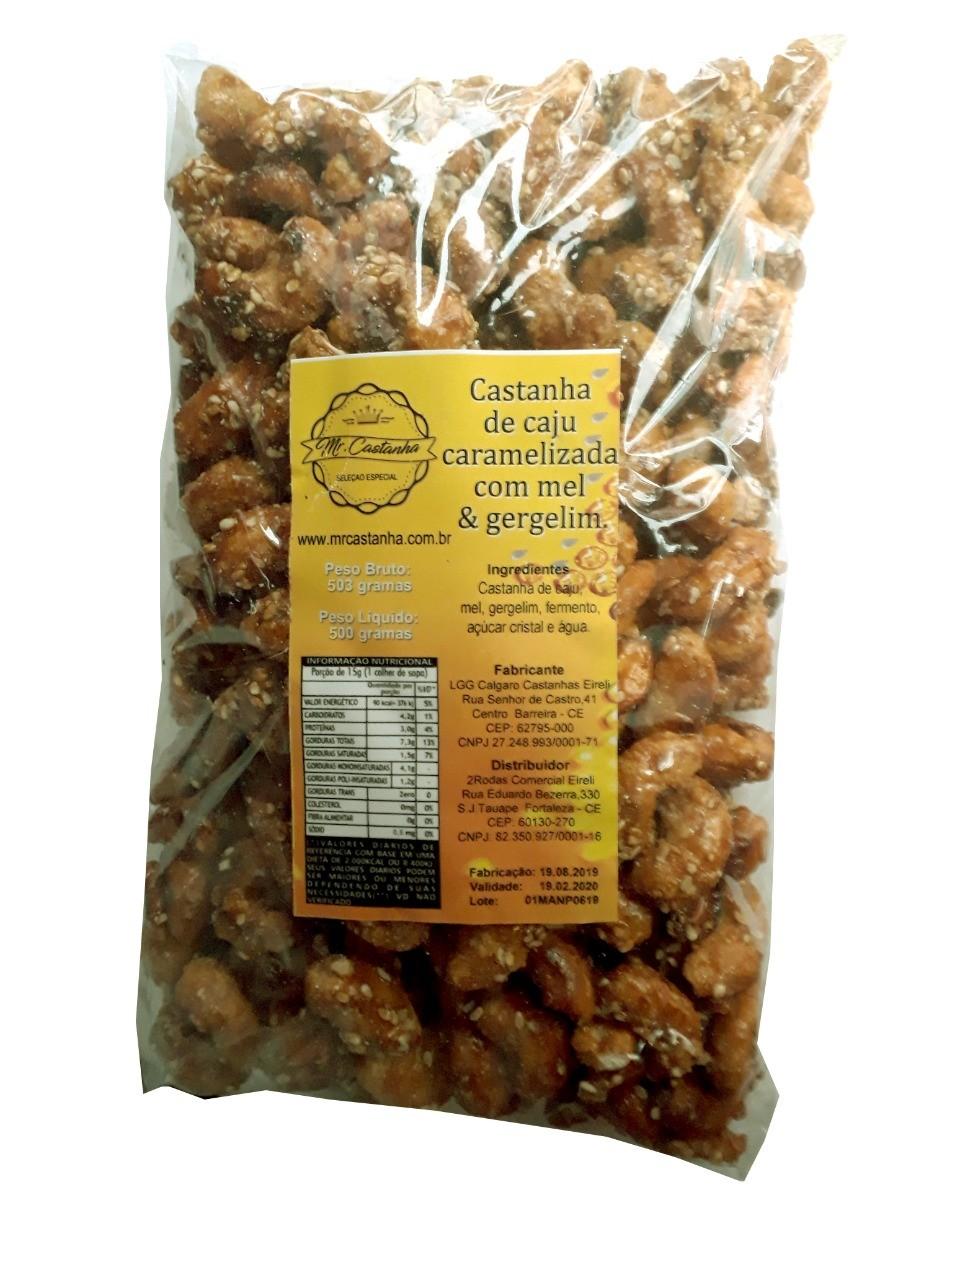 Castanha de caju inteira pacote com 500 gramas.